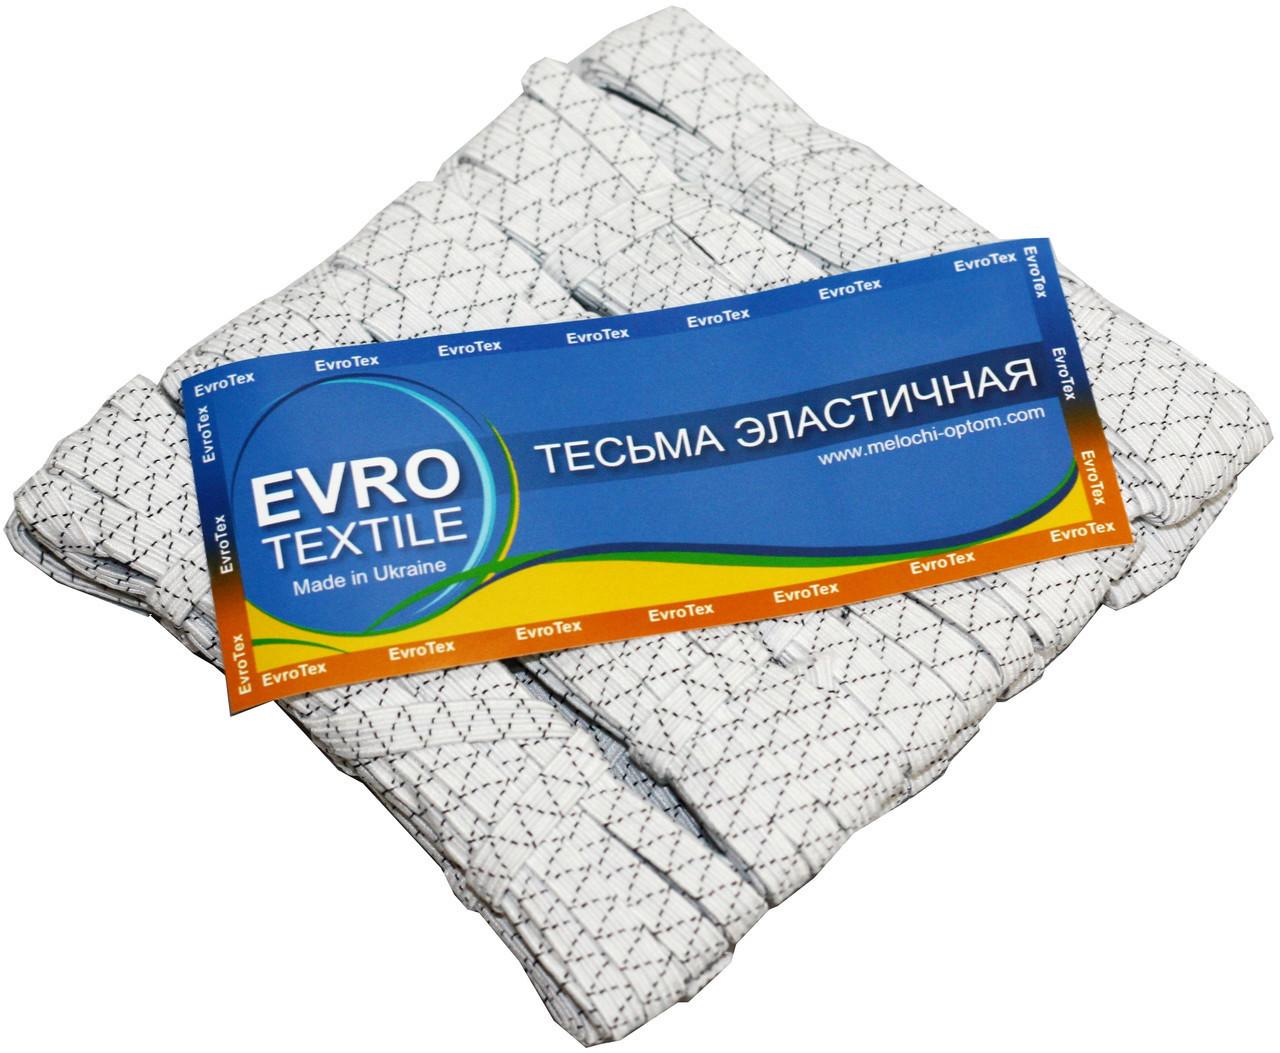 Резинки бельевые (5m/10шт) прошитые, тесьма эластичная полиэстер